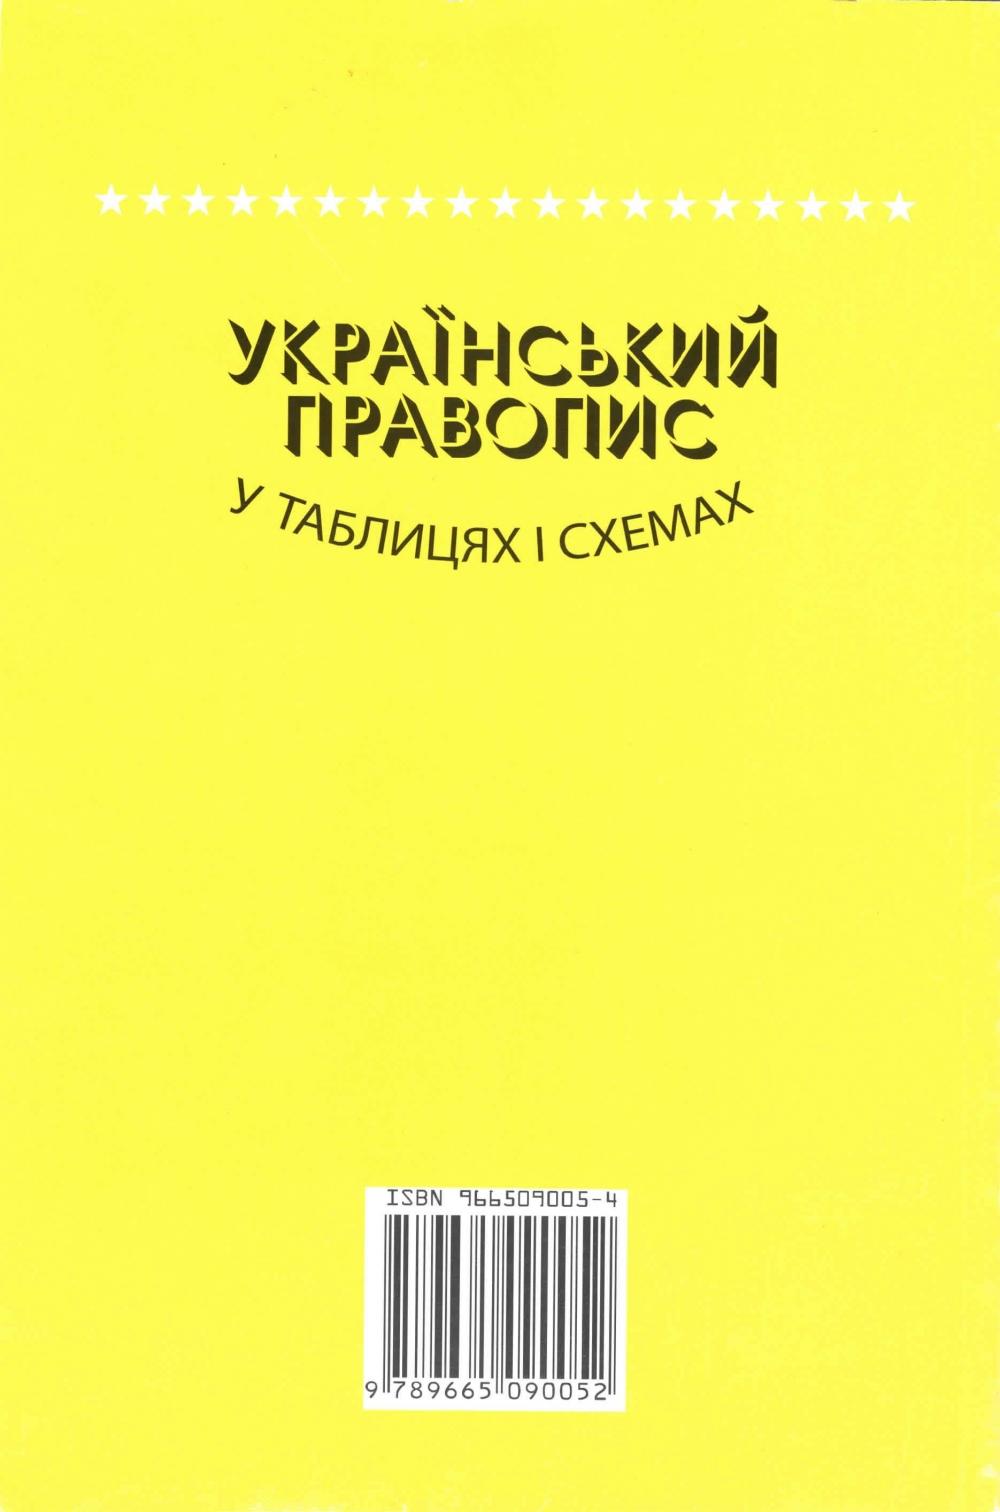 Український правопис у таблицях і схемах : Чукіна В. Логос. купити  13